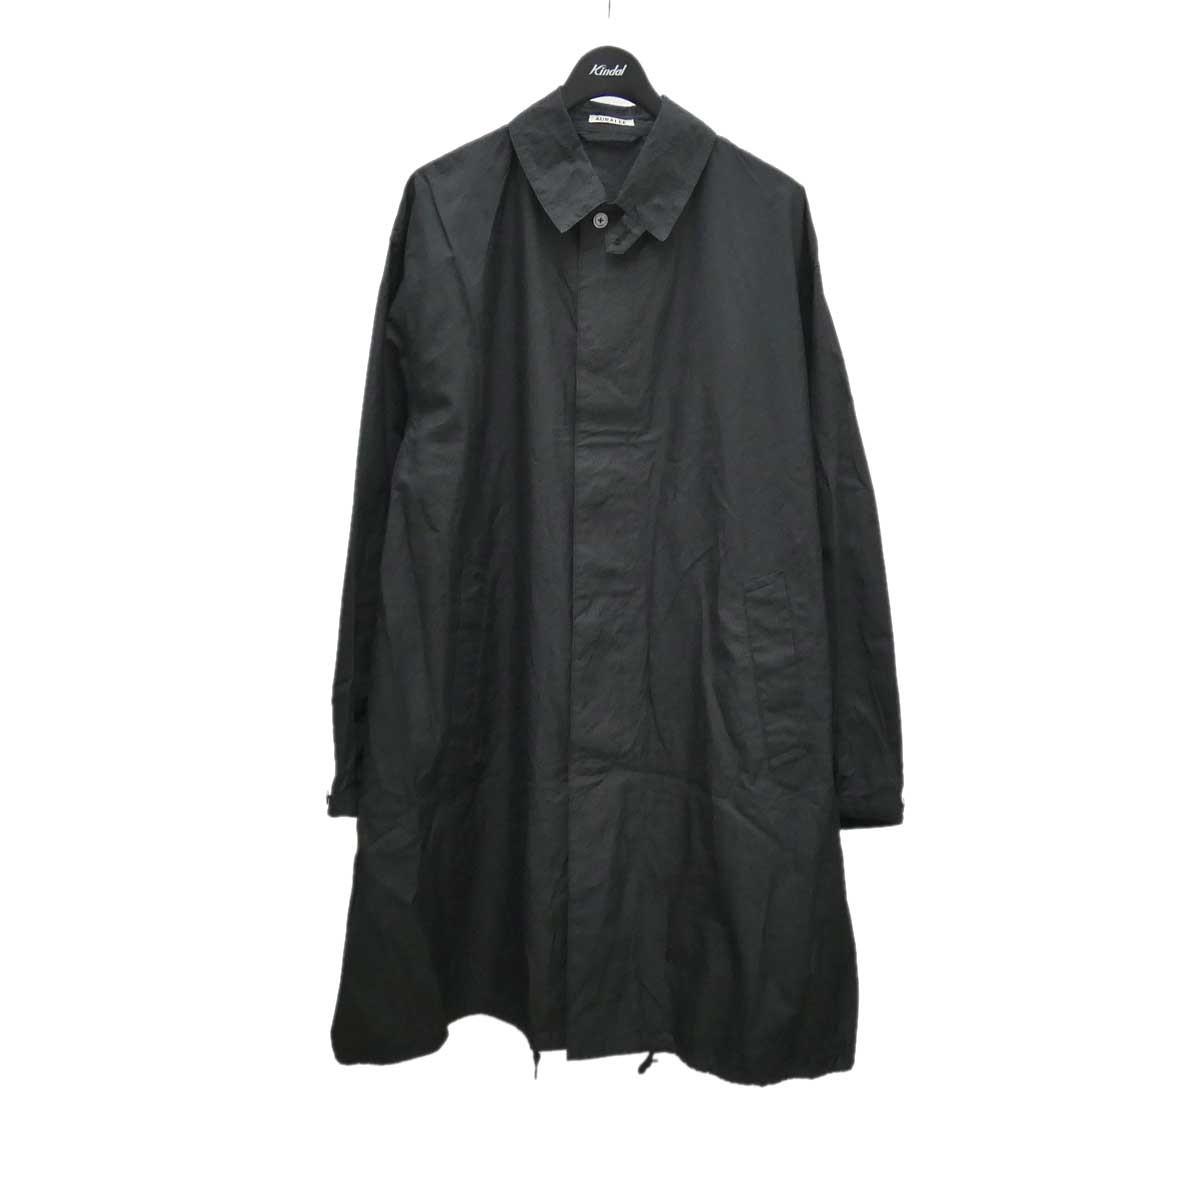 新作製品、世界最高品質人気! タイム オーラリー×ビームス 中古 AURALEE×BEAMS Finx Cotton Silk Chambray 080321 サイズ:4 Collar ブラック Big Soutien 激安通販ショッピング Coat